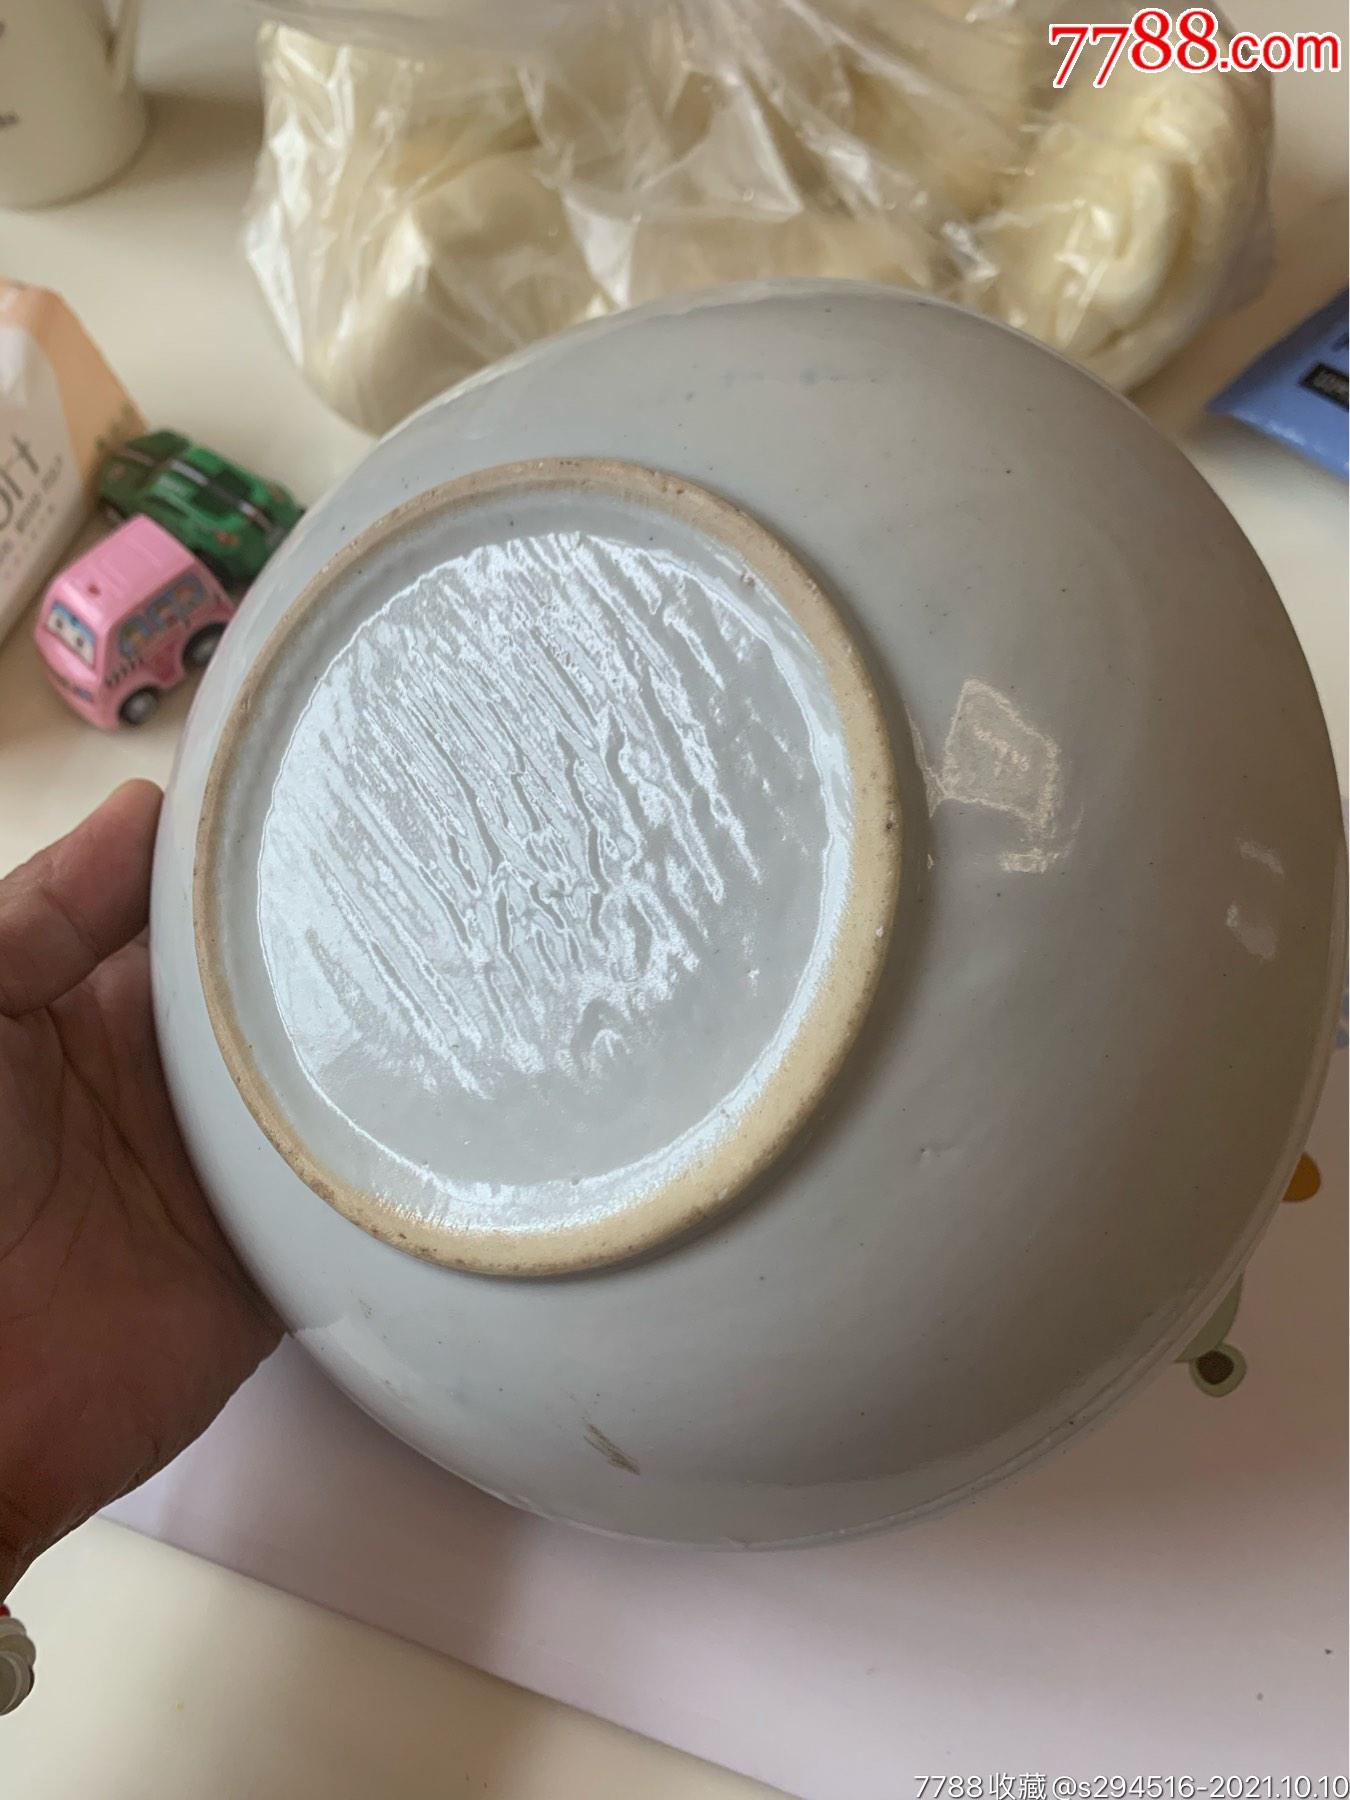 民国时期直径20厘米大号菠萝盘一个,无磕无破完完整整放漏惠让_价格78元_第5张_